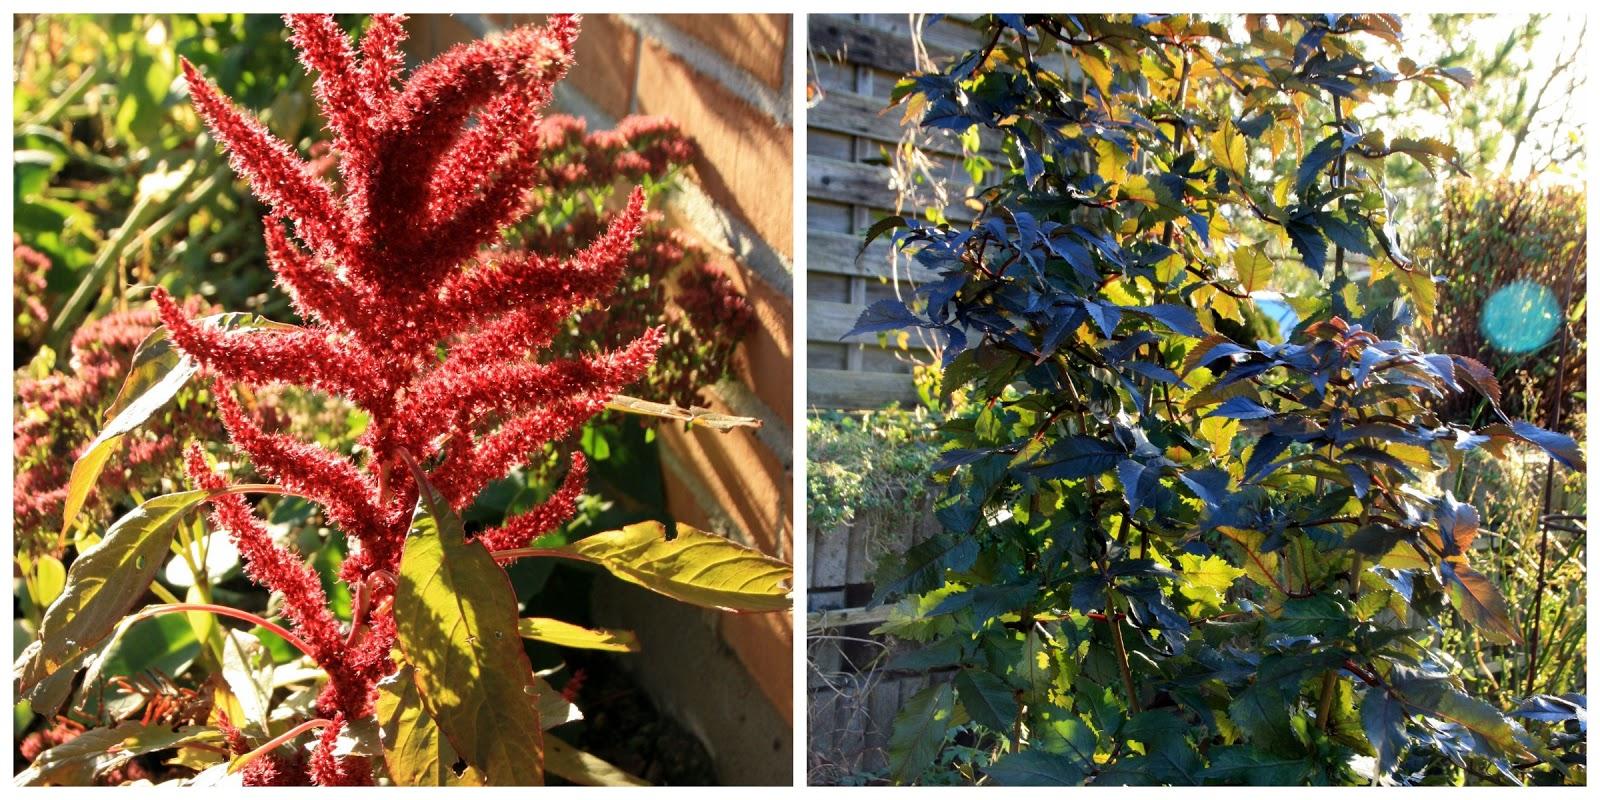 Frk. Anemone: Haven i dag, en solskinsdag i november